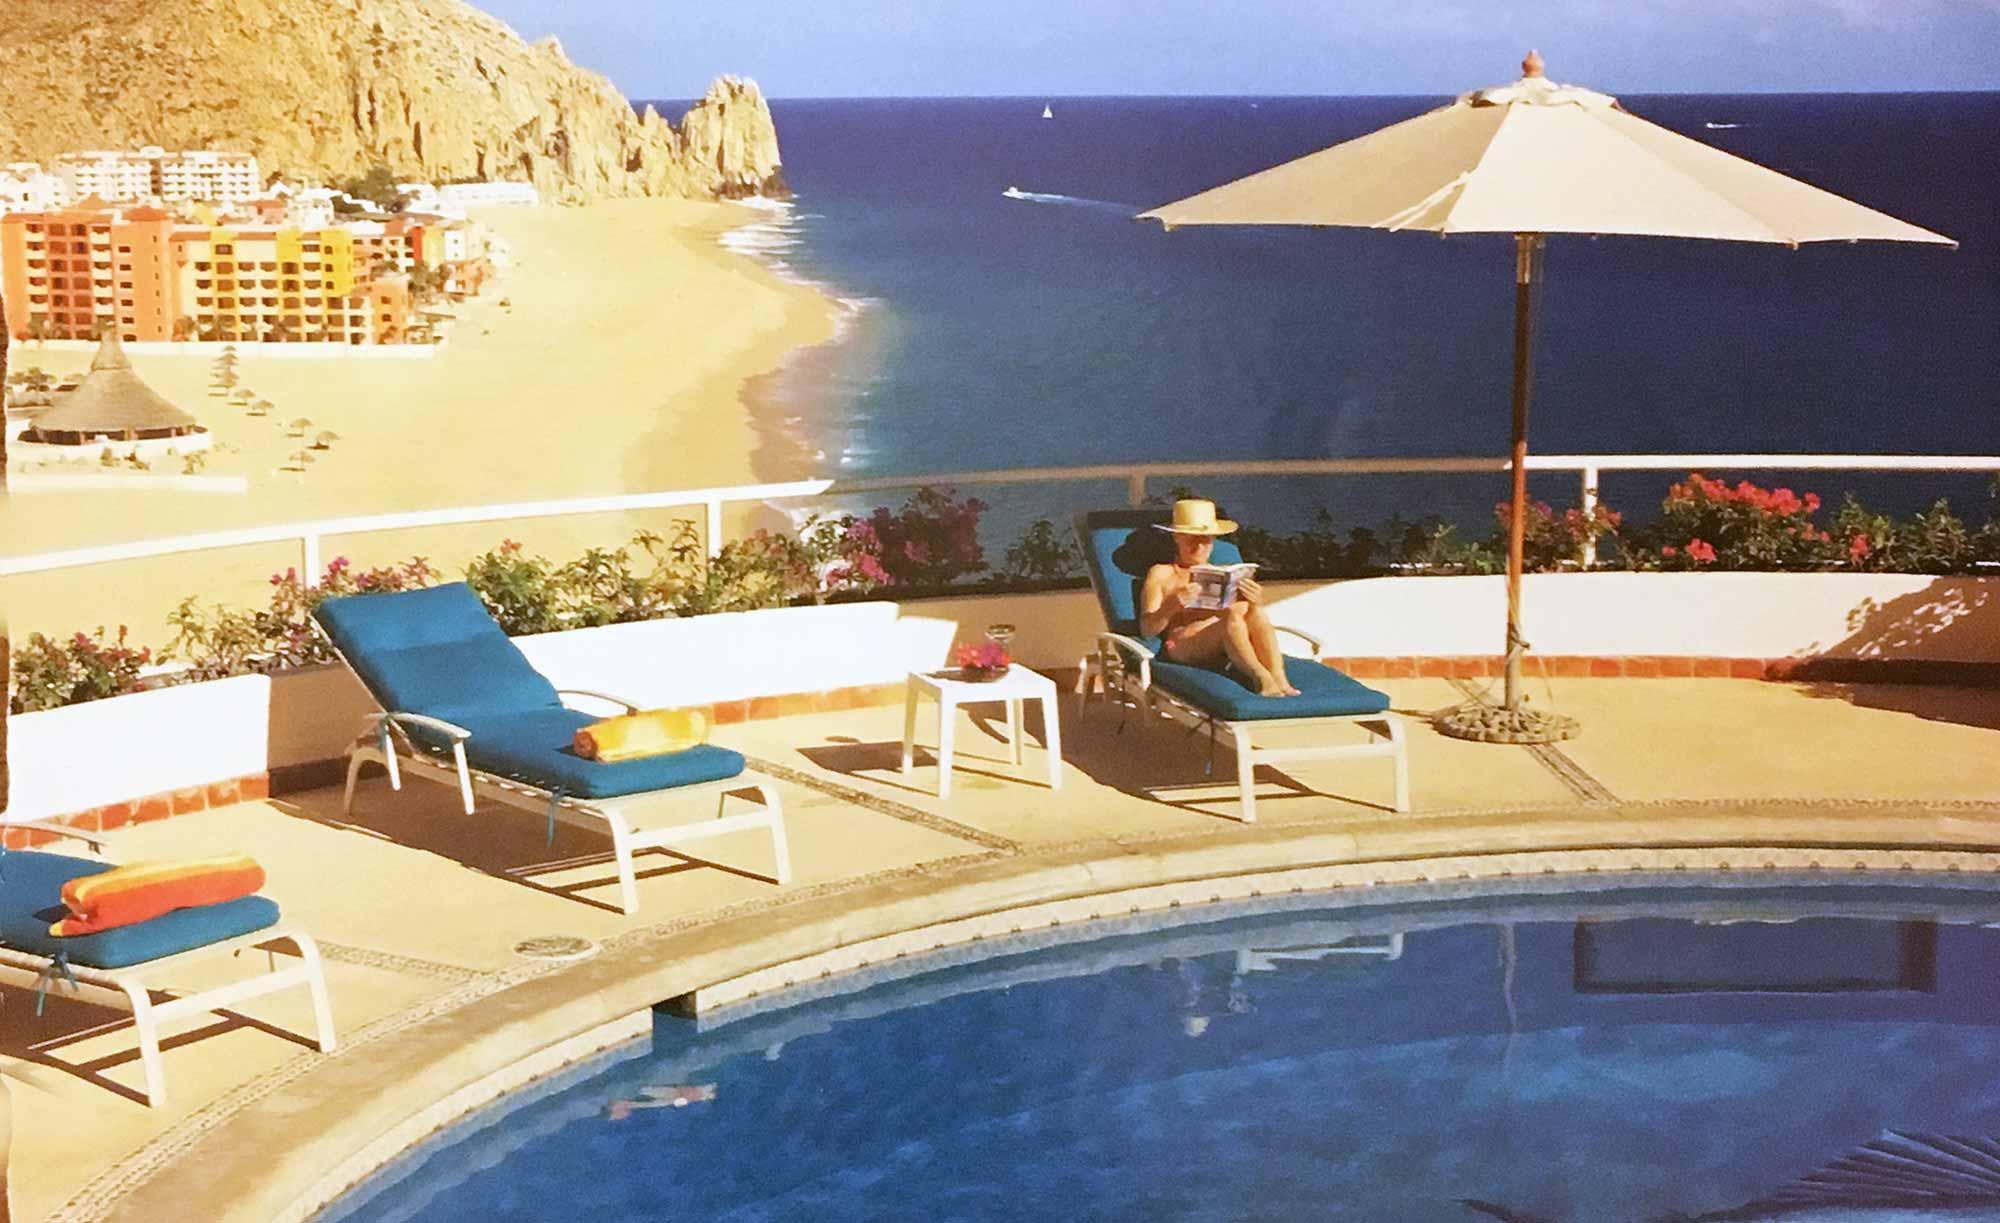 cabo-villa-rentals-pool-view-x2